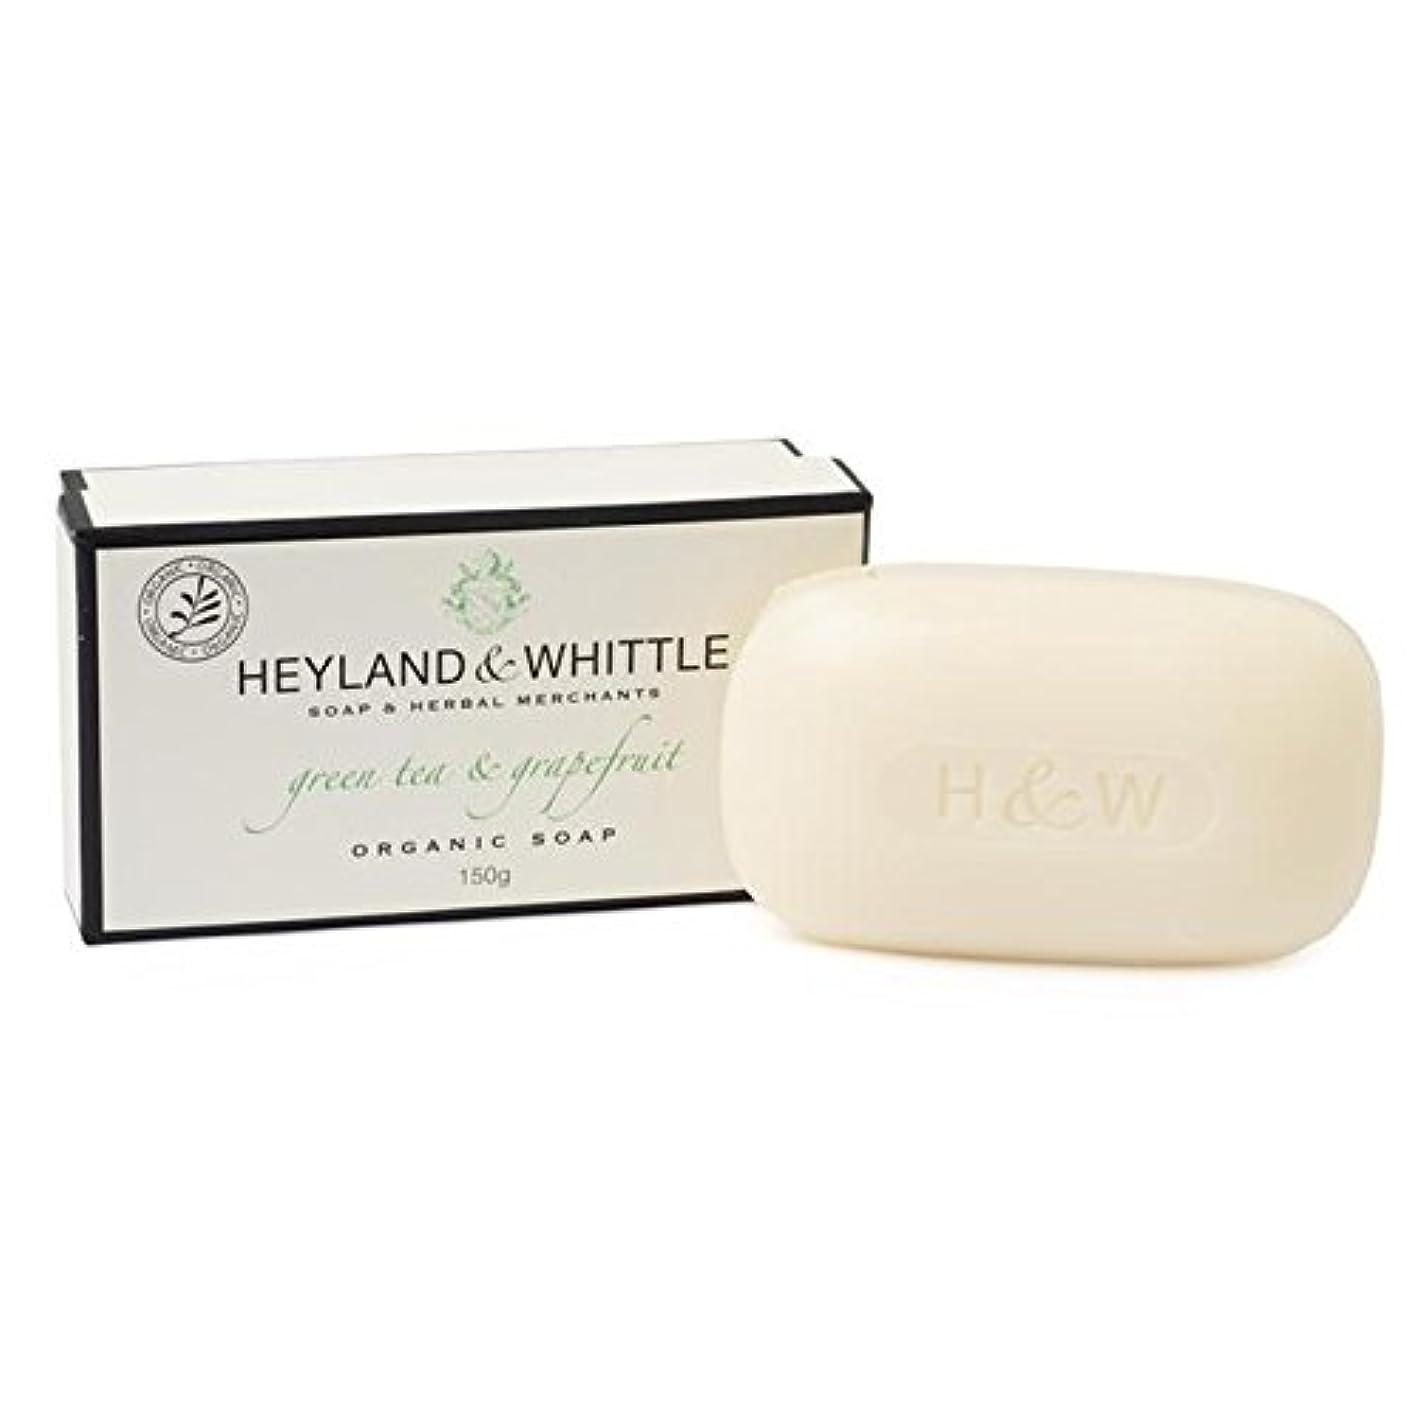 &削る緑茶&グレープフルーツはオーガニックソープ150グラム箱入り x4 - Heyland & Whittle Green Tea & Grapefruit Boxed Organic Soap 150g (Pack...